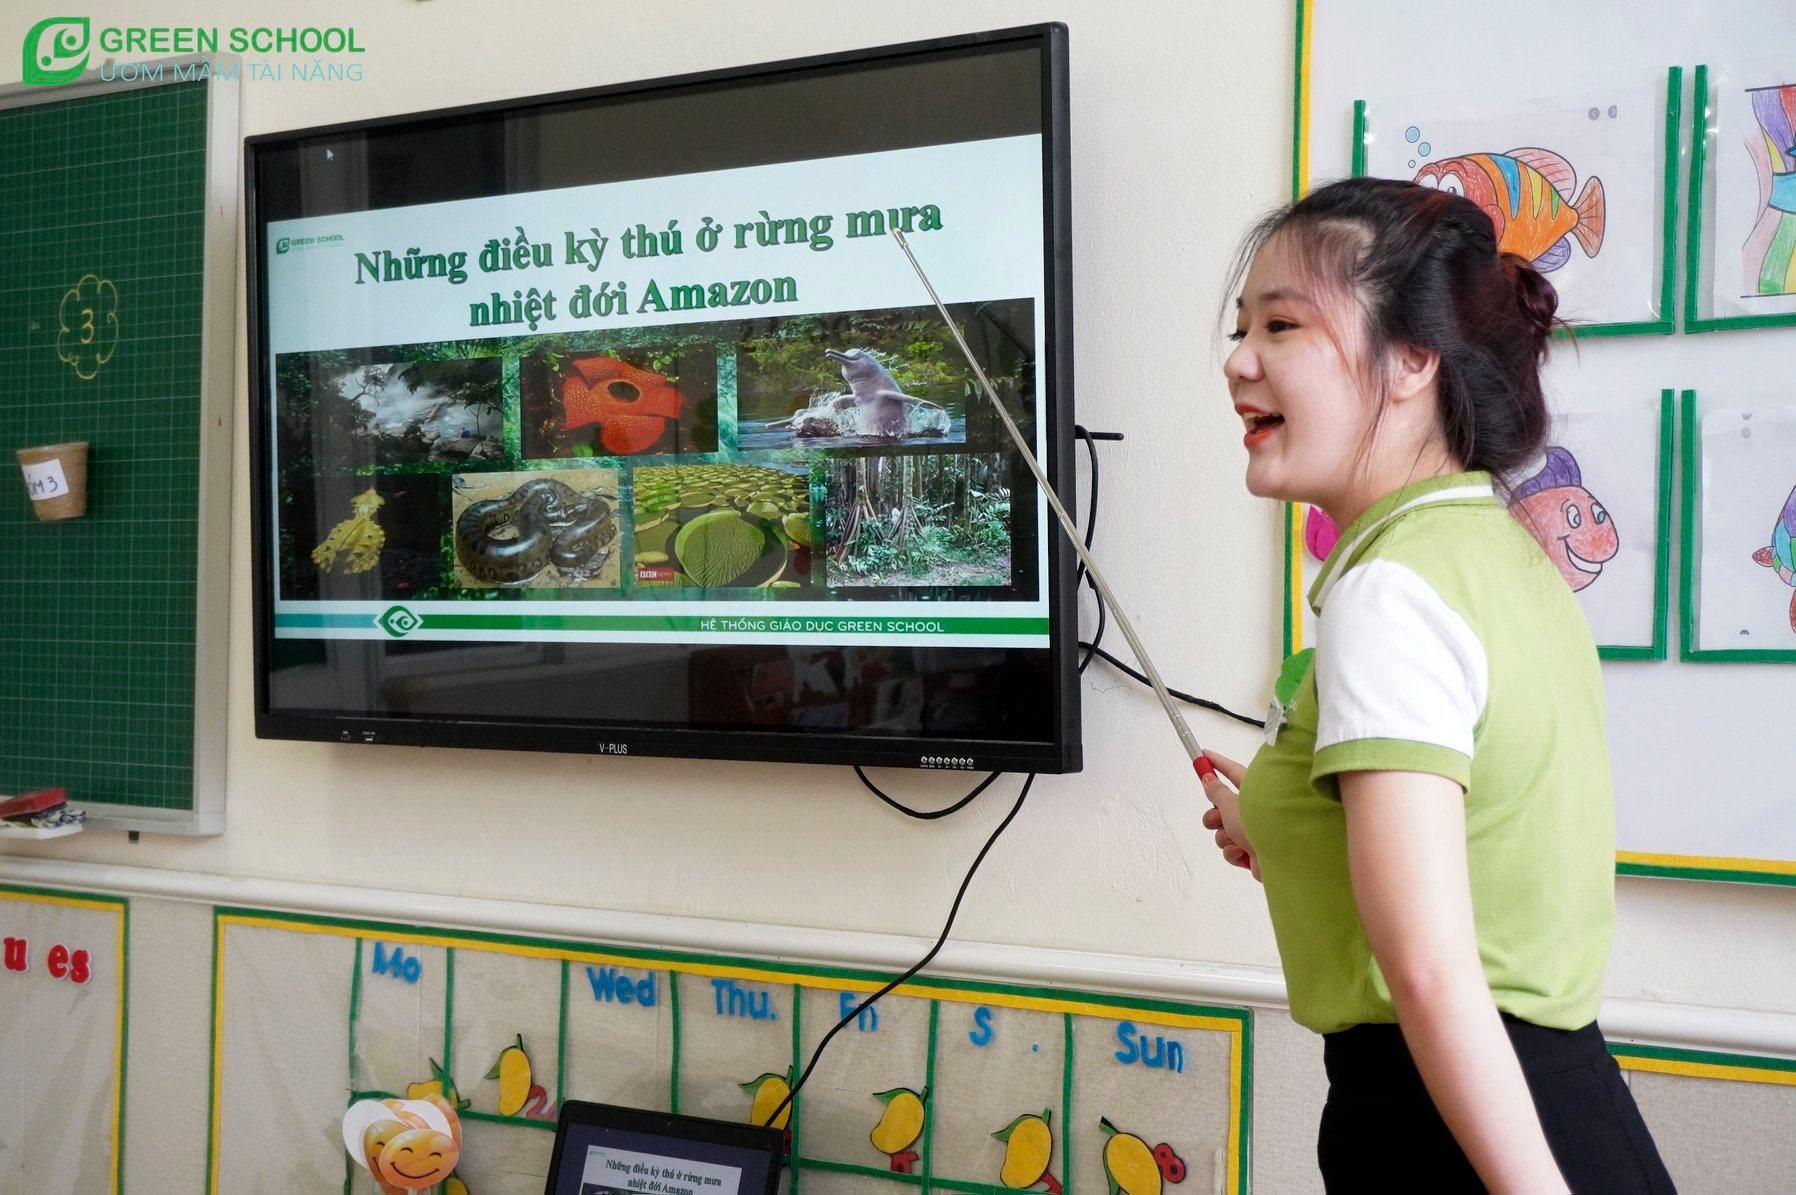 1 9 Độc đáo cách kể chuyện có 1 0 2 tại Green School